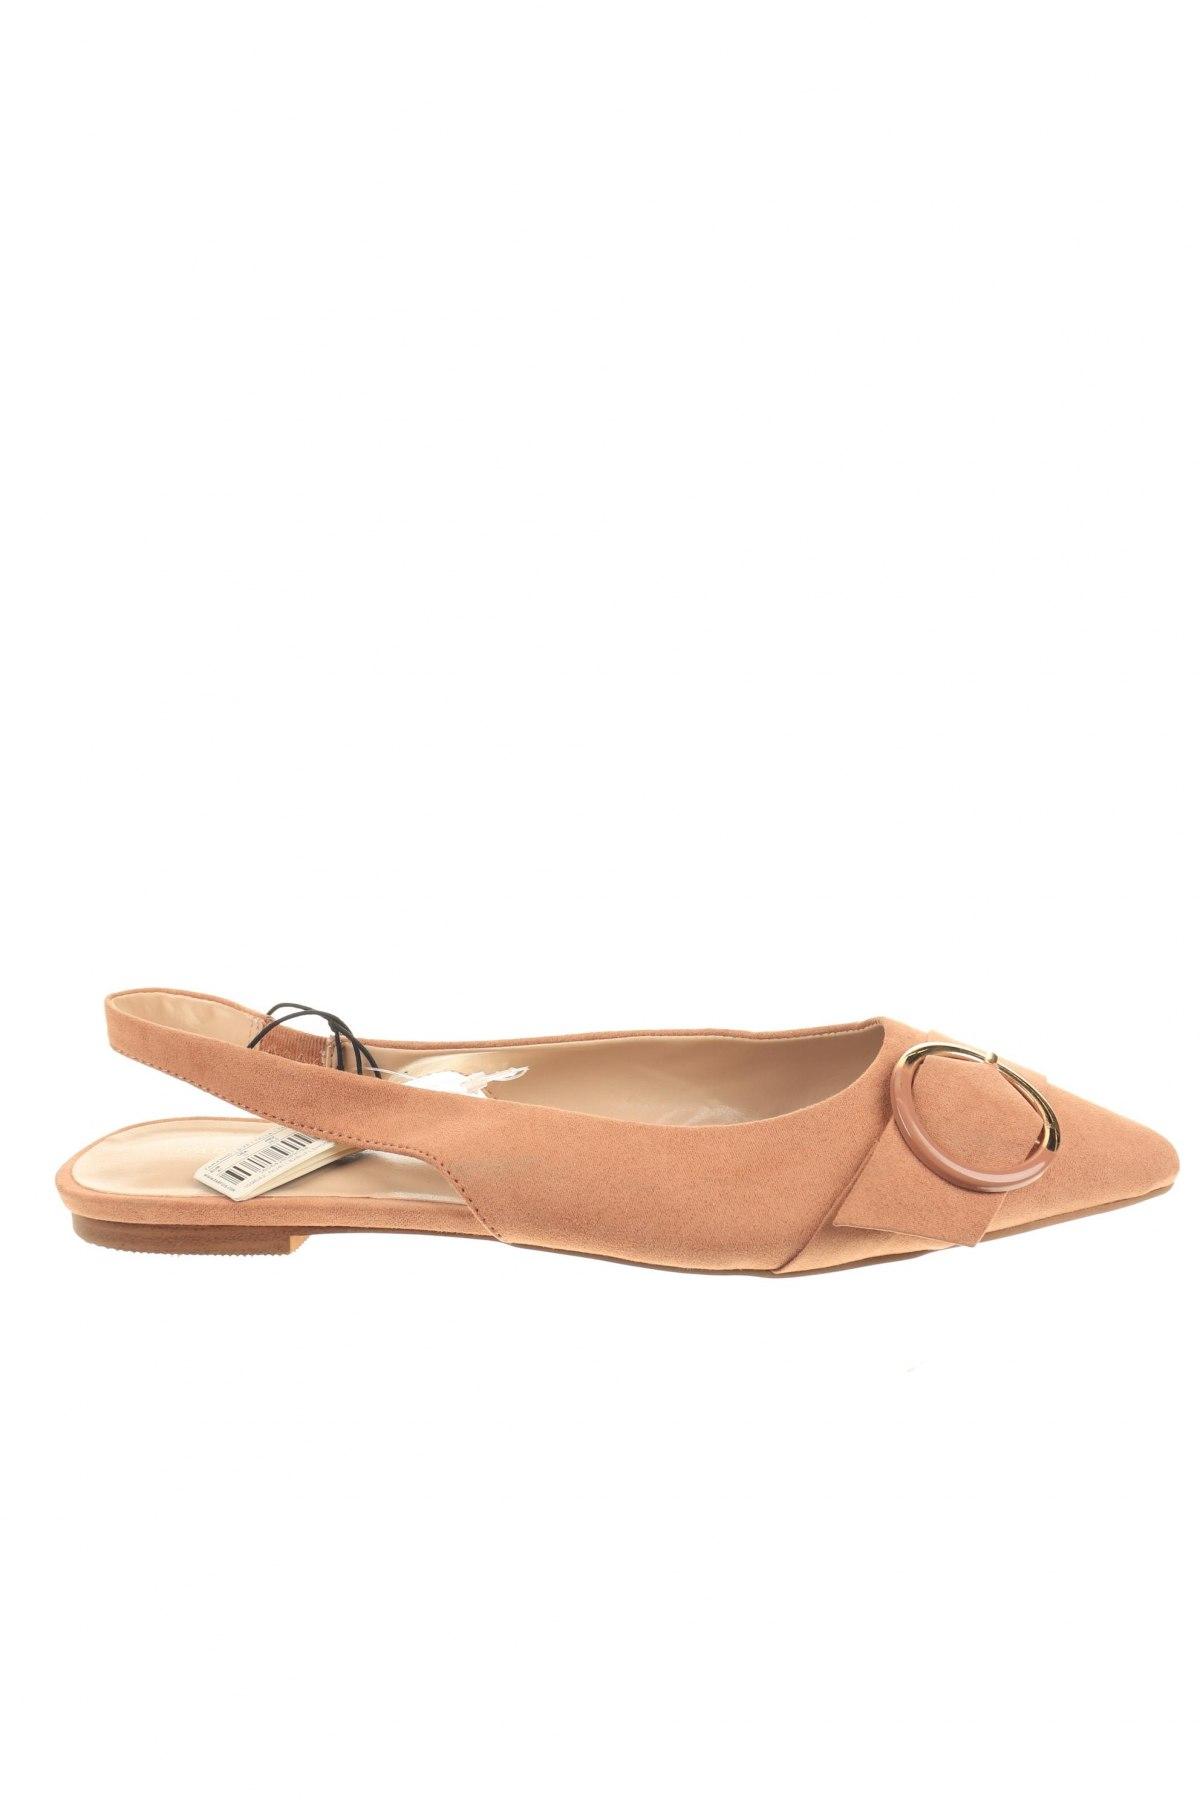 Γυναικεία παπούτσια Parfois, Μέγεθος 41, Χρώμα Ρόζ , Κλωστοϋφαντουργικά προϊόντα, Τιμή 15,21€